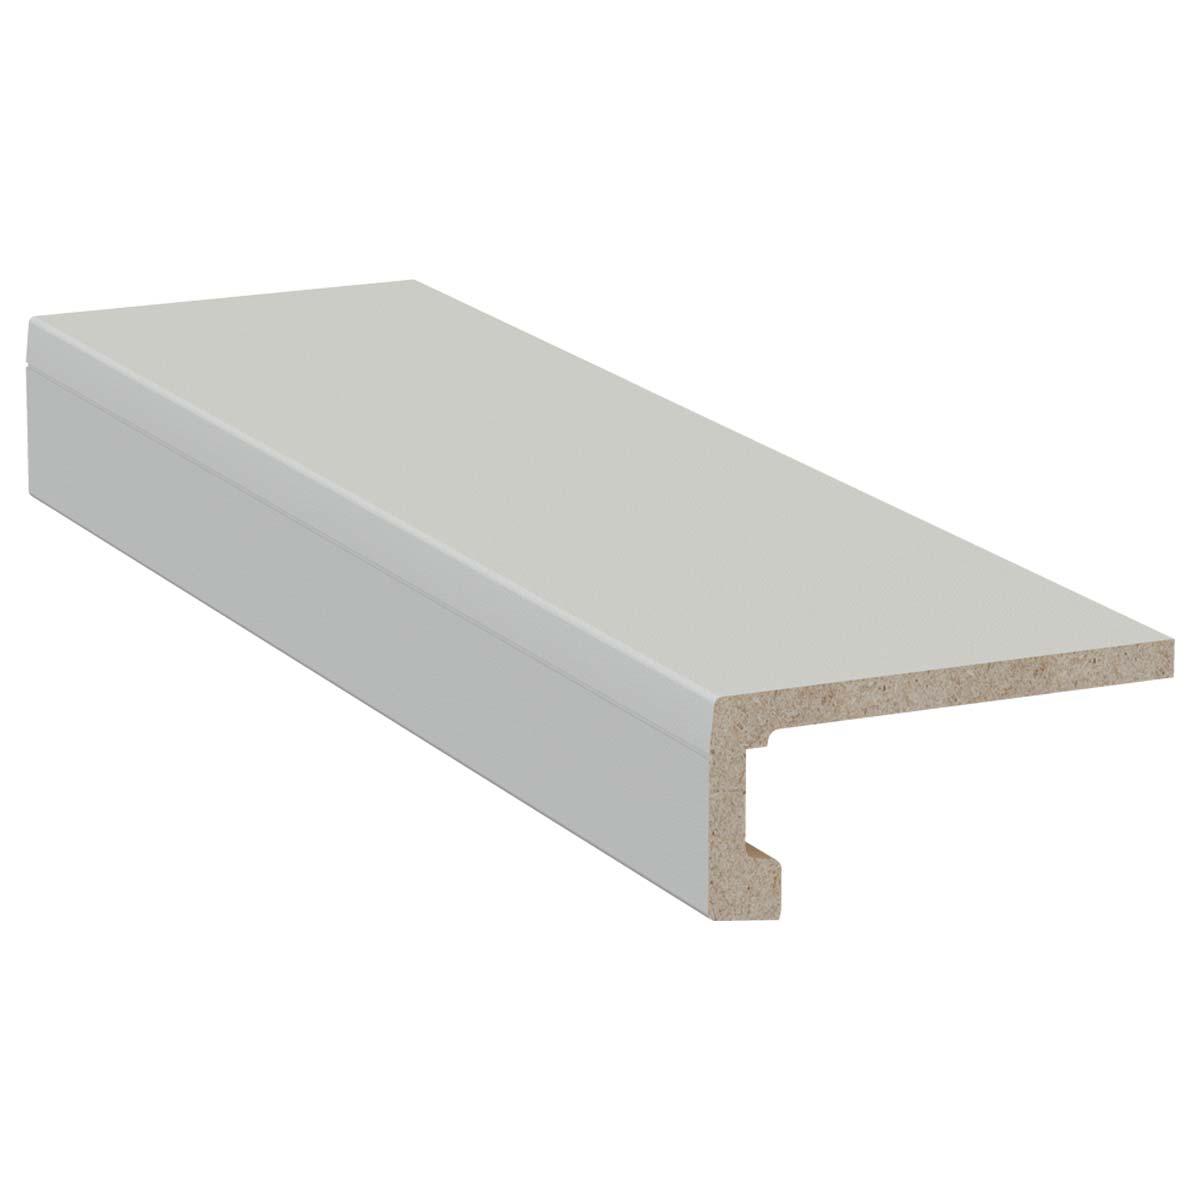 exclusiv system 100 418 - https://www.werzalit.com/es/producto/exclusiv-system-repisa-interior-de-la-ventana-600cm/